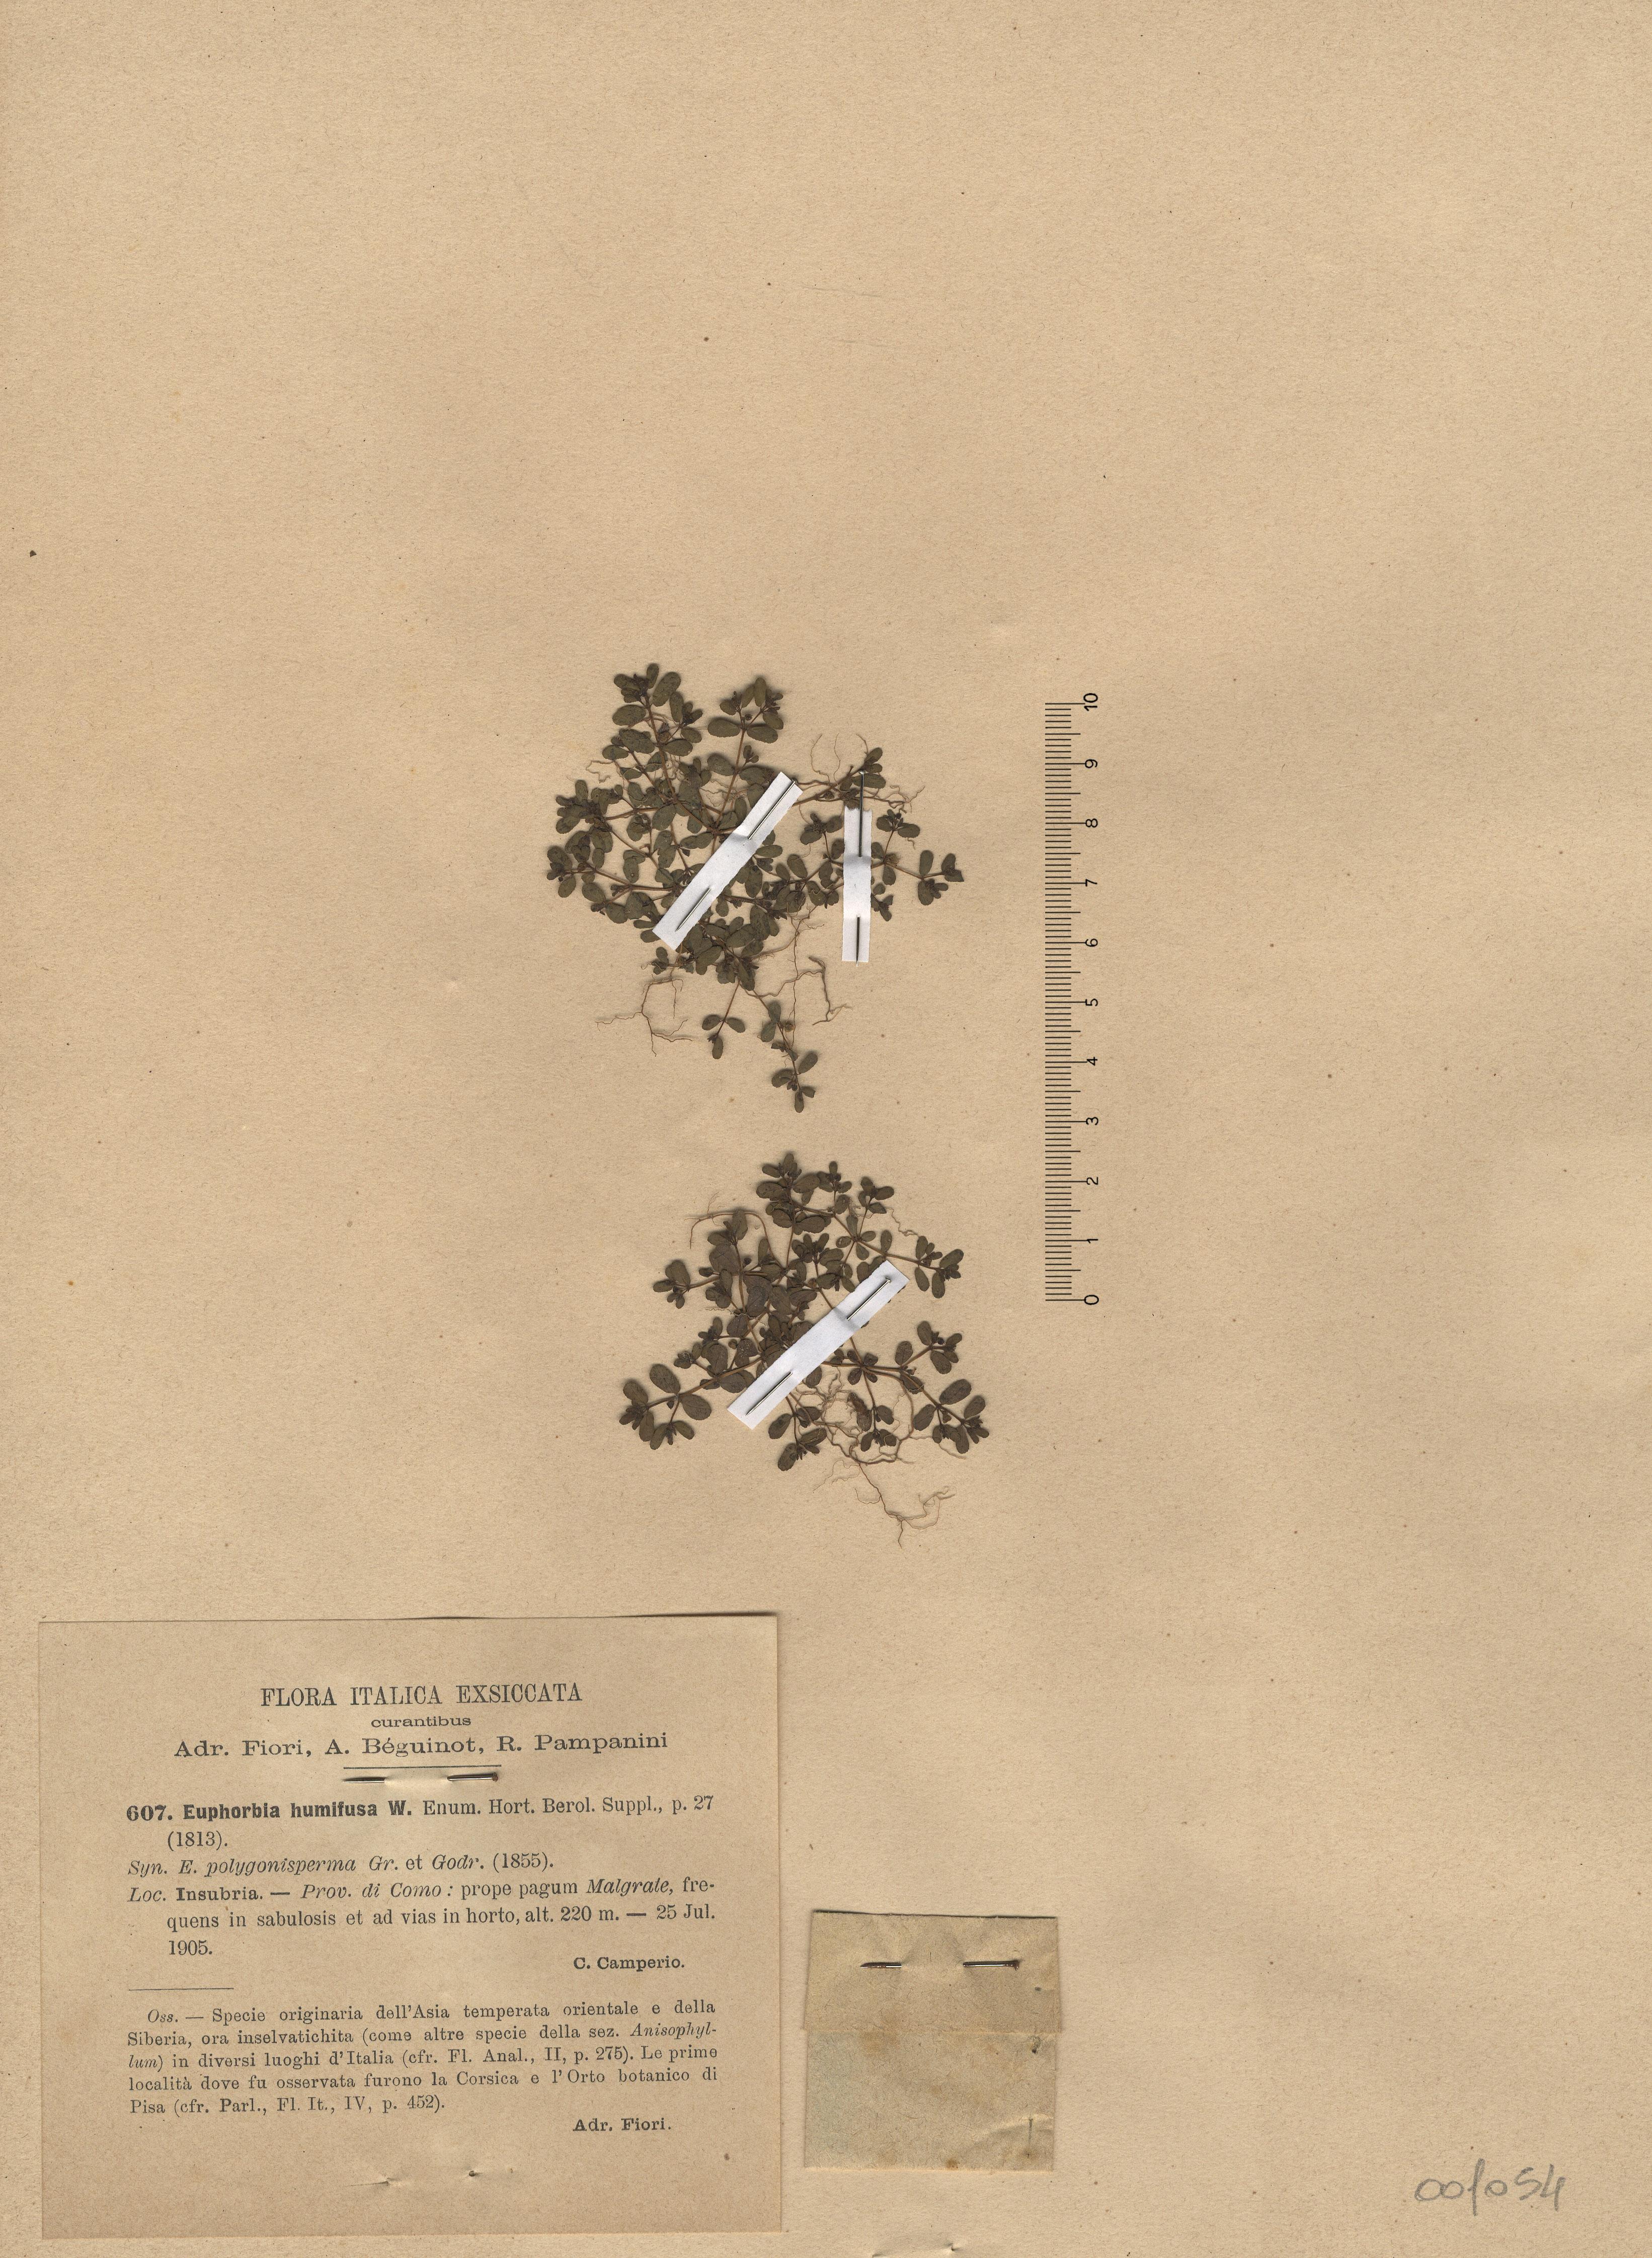 © Hortus Botanicus Catinens - Herb. sheet 001054<br>